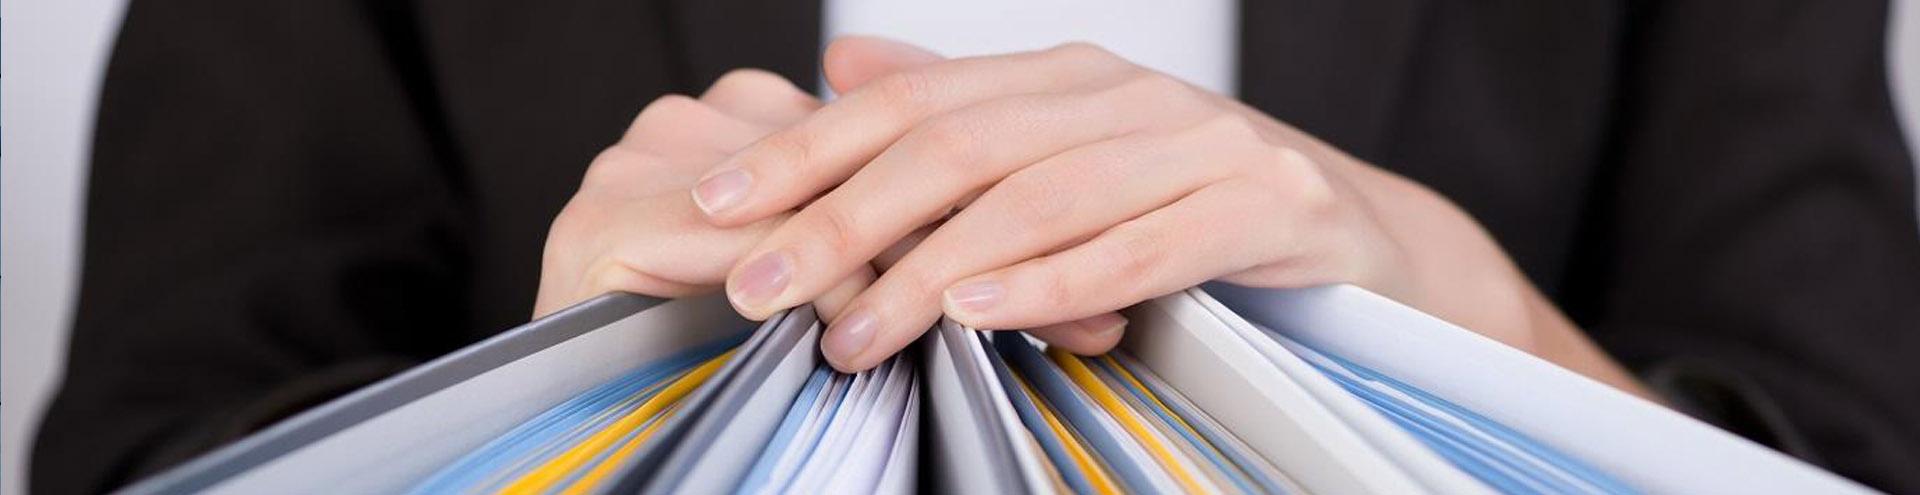 Как подготовить документы для арбитражного суда